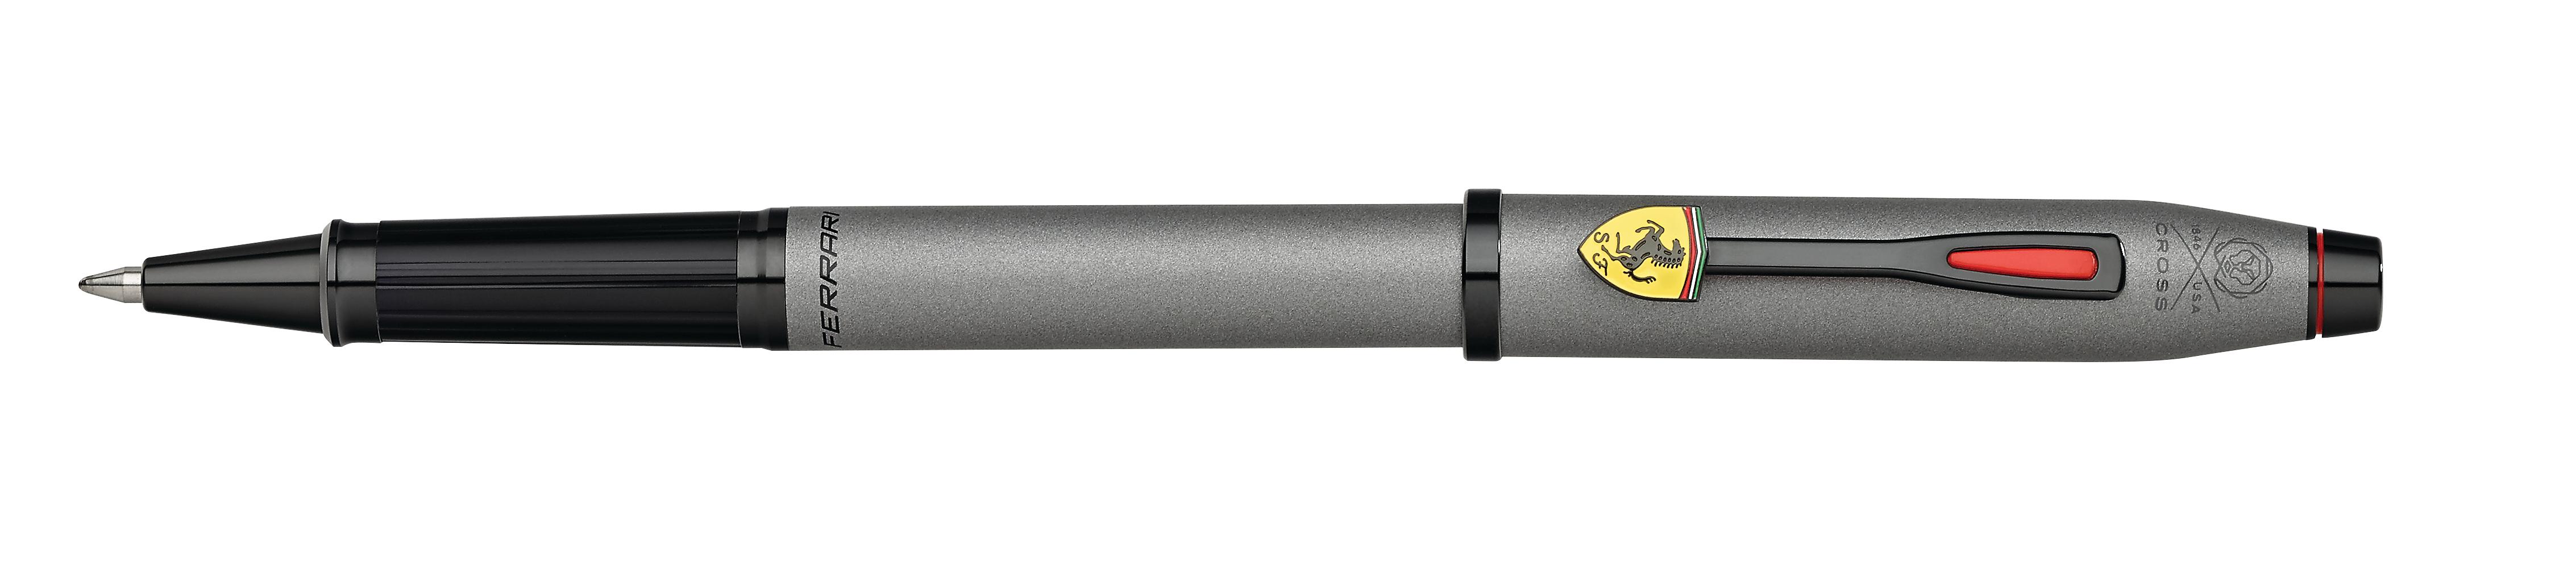 Cross Century II Collection for Scuderia Ferrari Titanium Gray Satin Lacquer Rollerball Pen